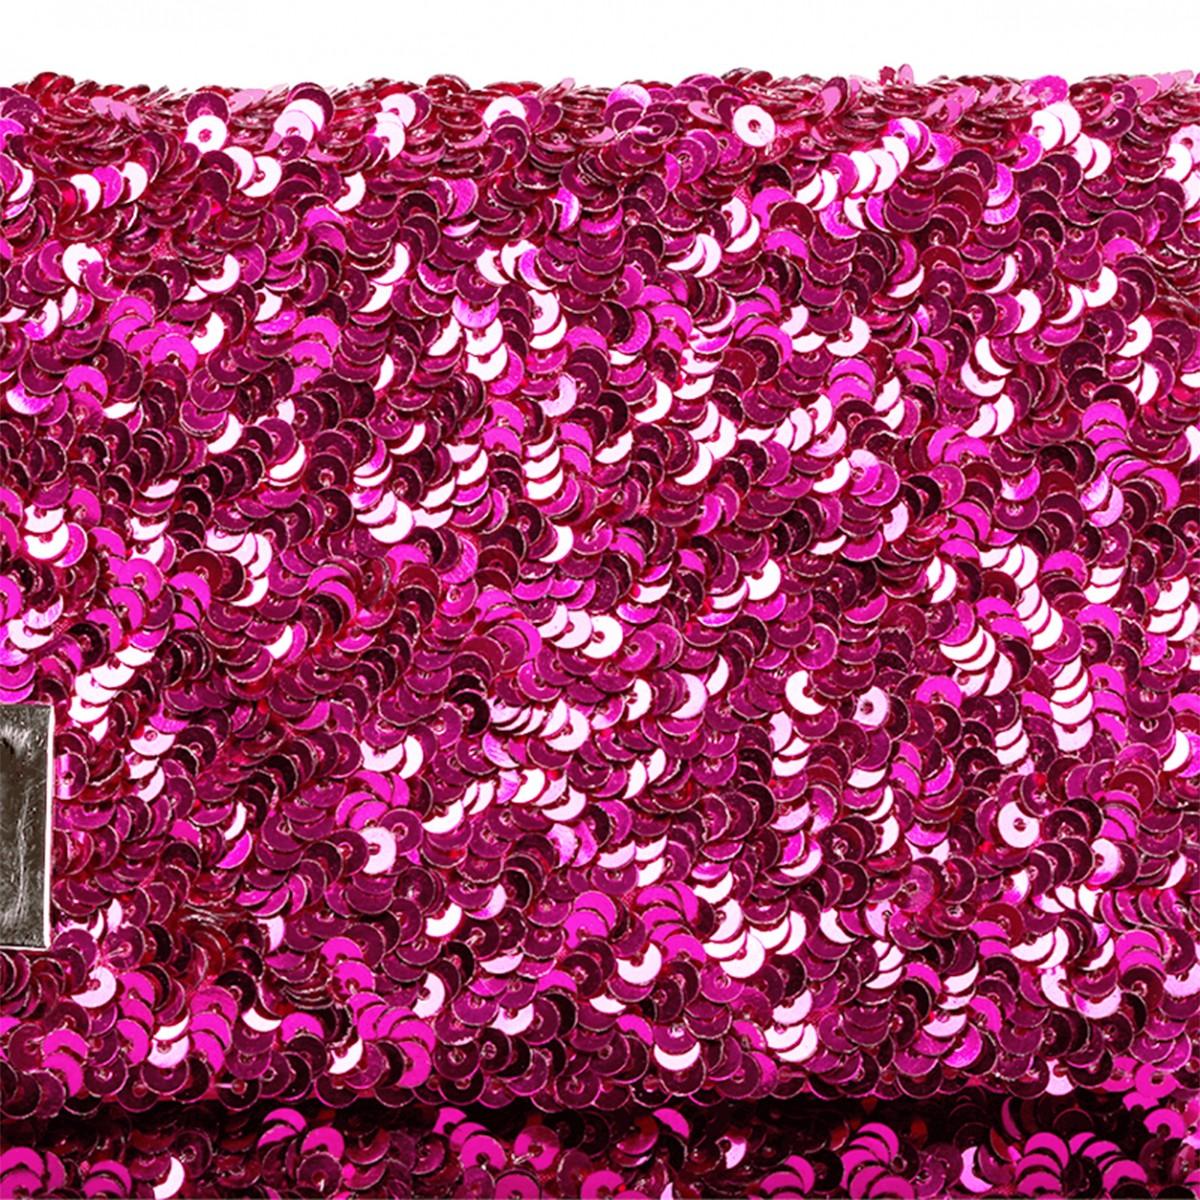 Fuchsia sequins crossbody handbag